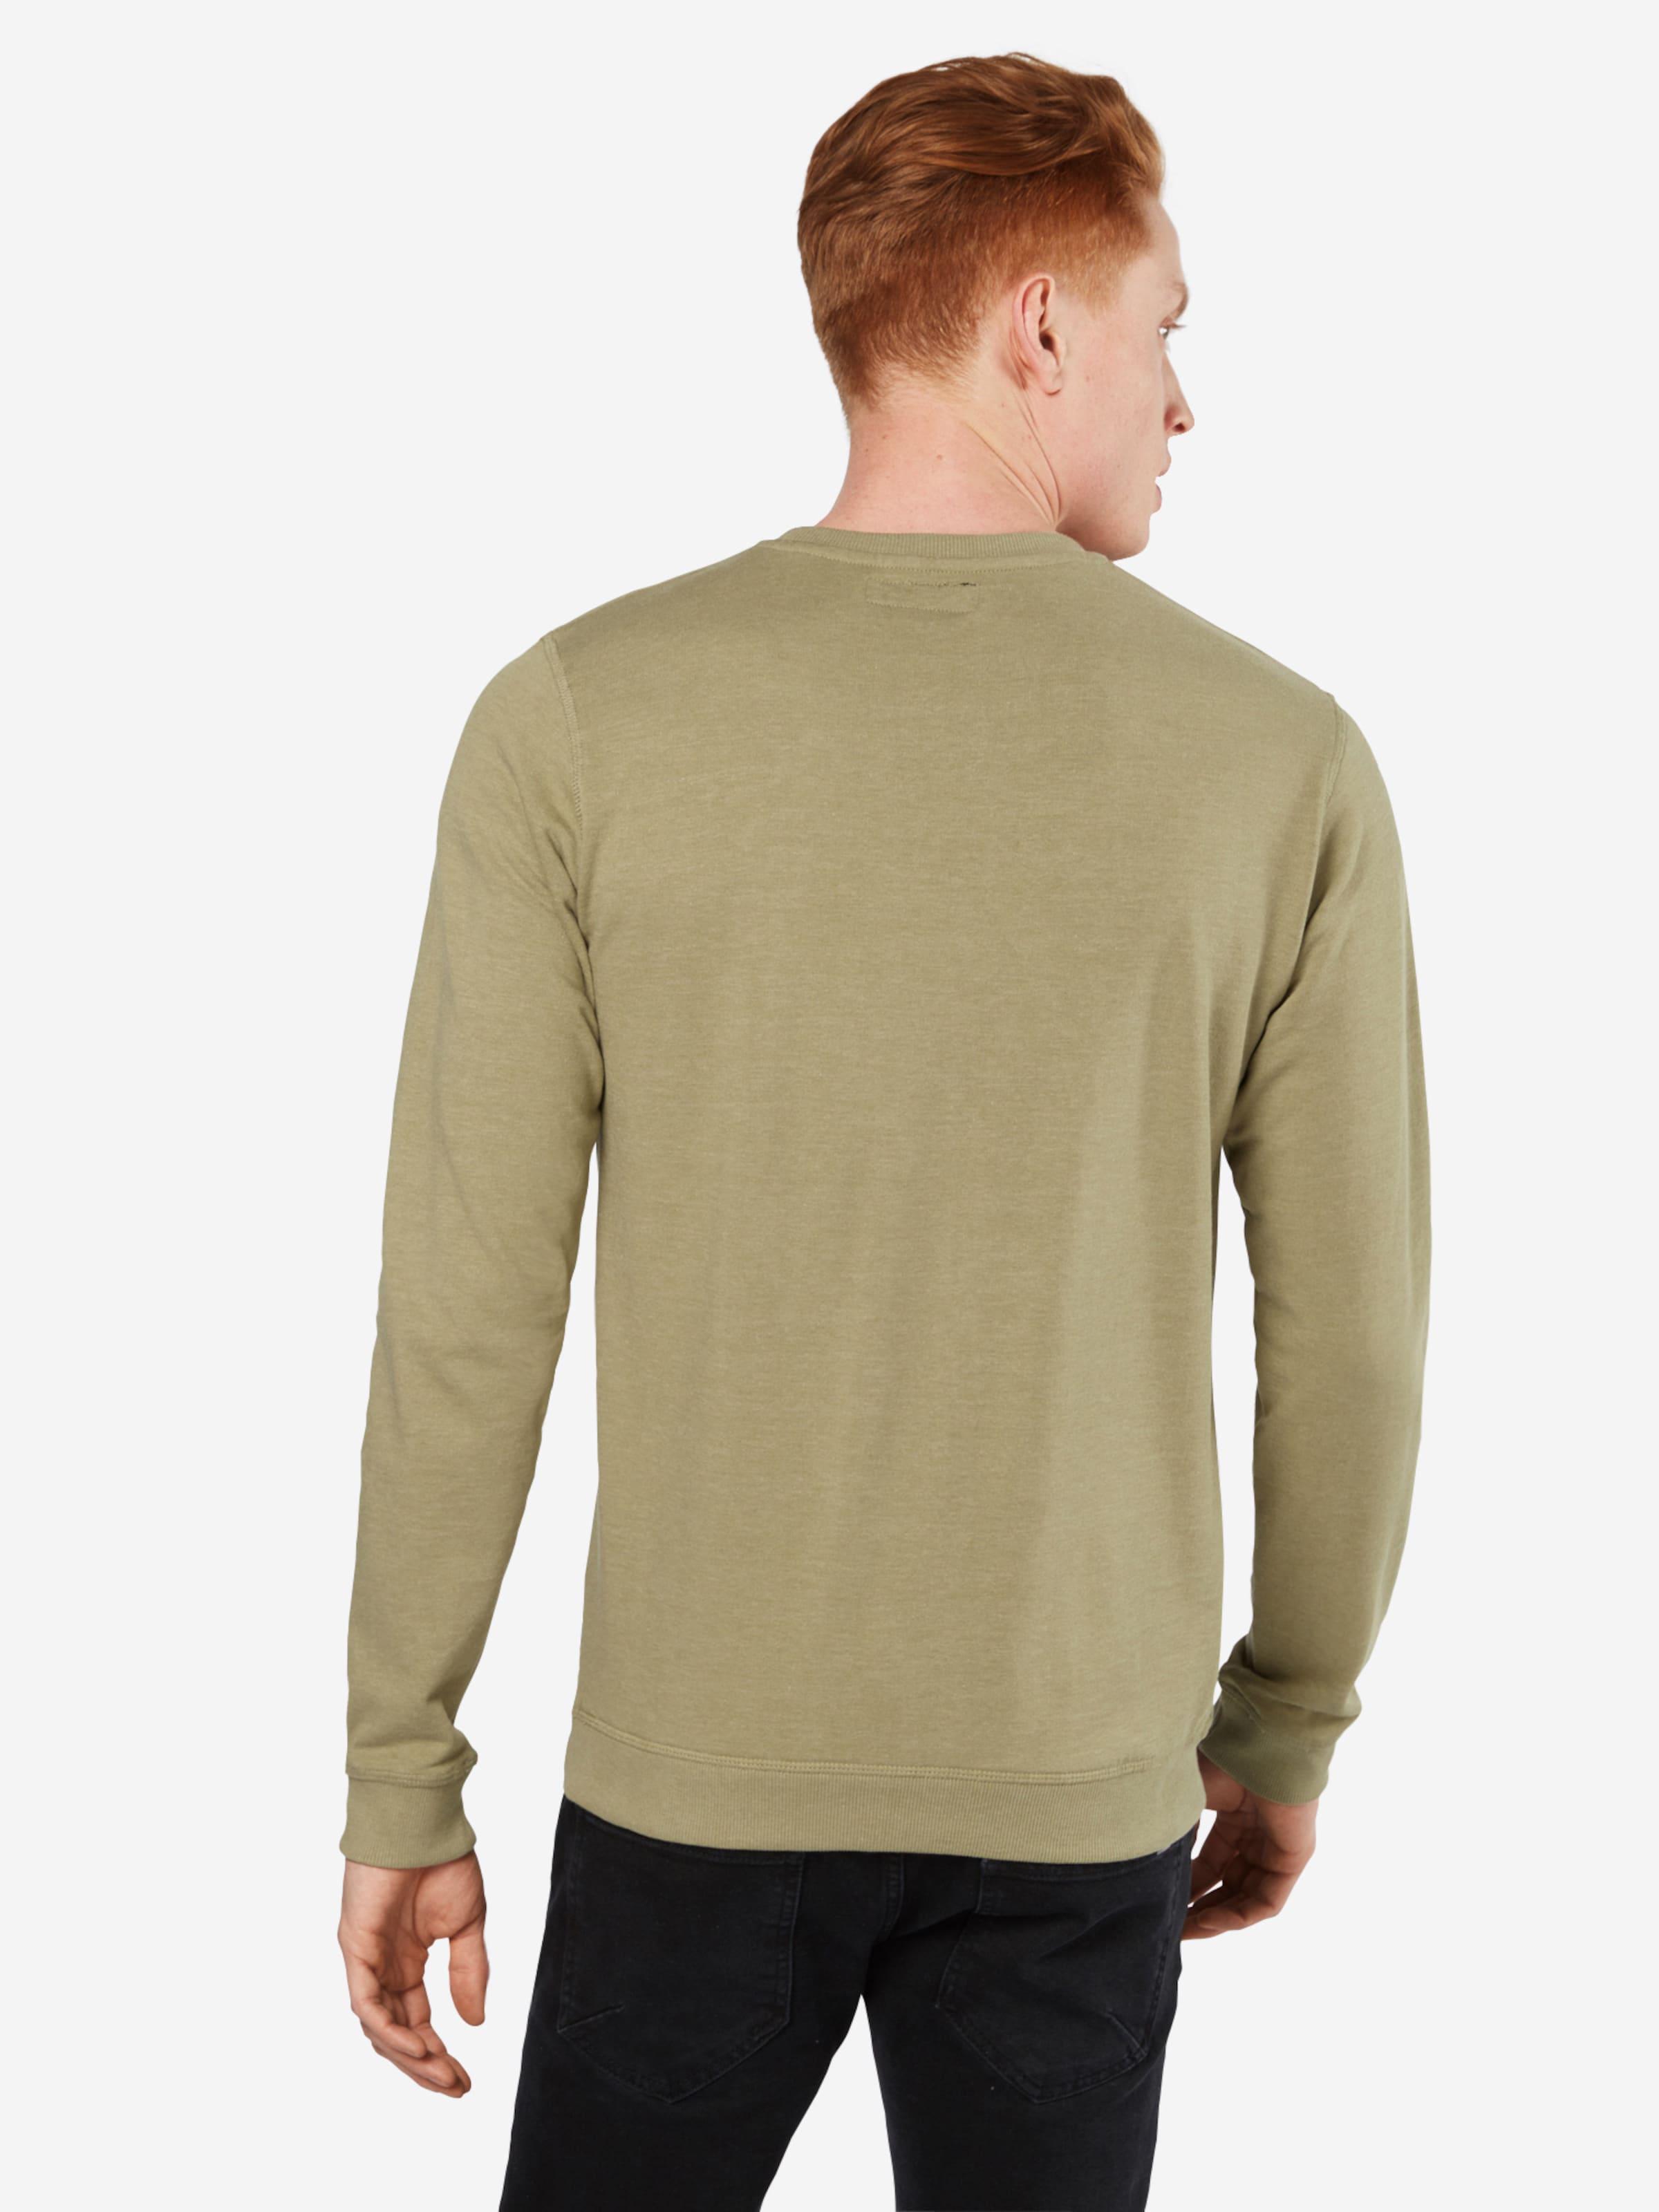 Billig Verkauf Bester Platz Verkauf Zuverlässig !Solid Sweatshirt 'Garon' PEfTjwvr